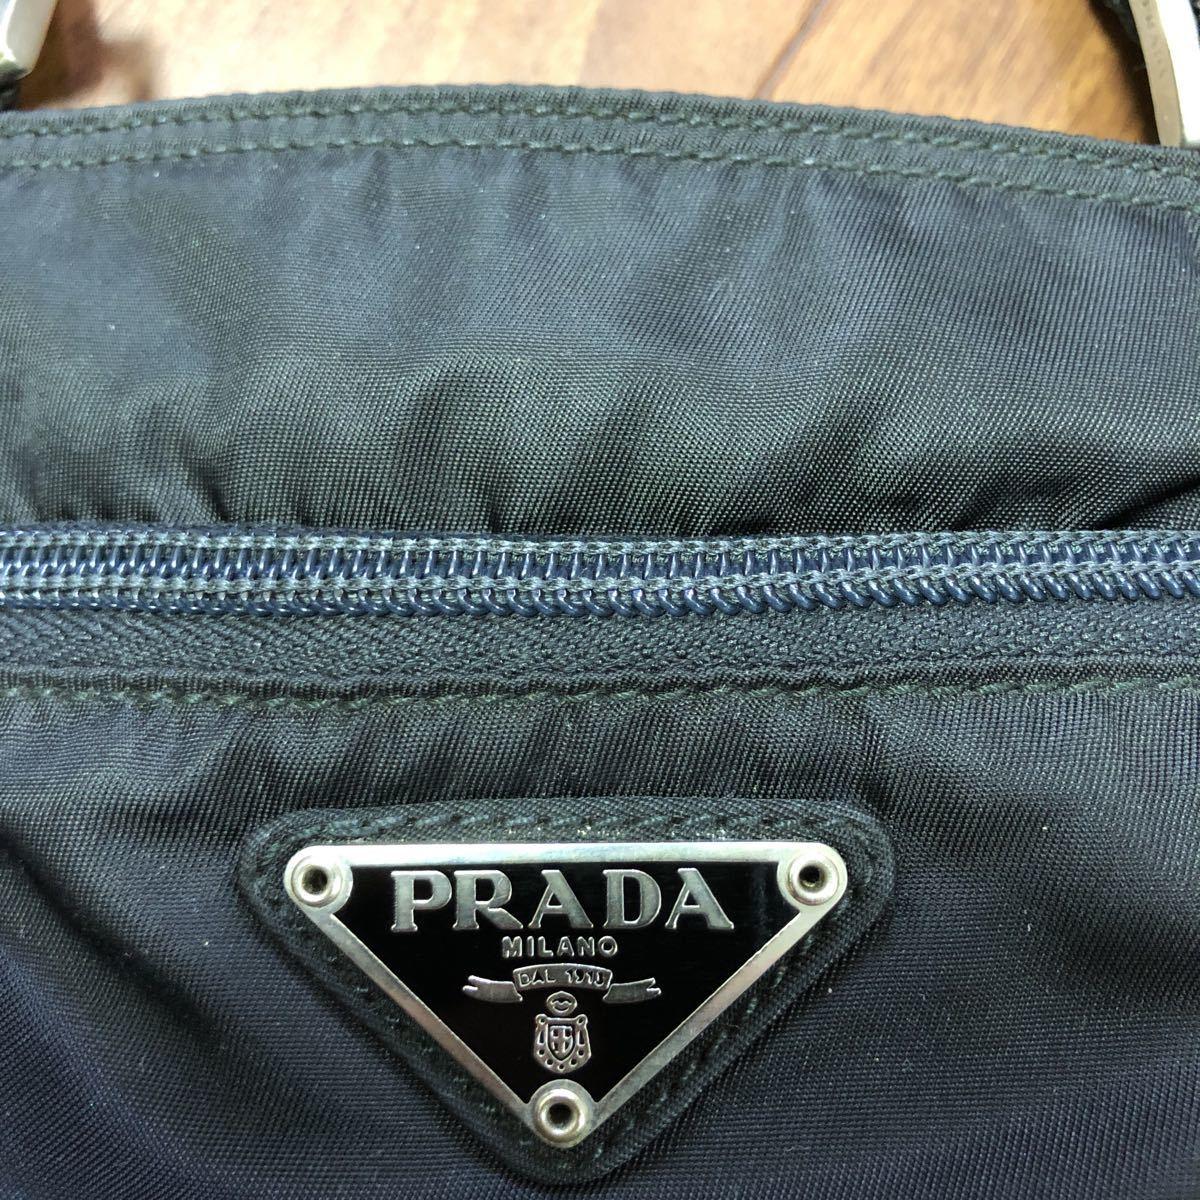 プラダ ナイロン ショルダーバッグ ブラック ITELY製 斜めがけ。_画像7